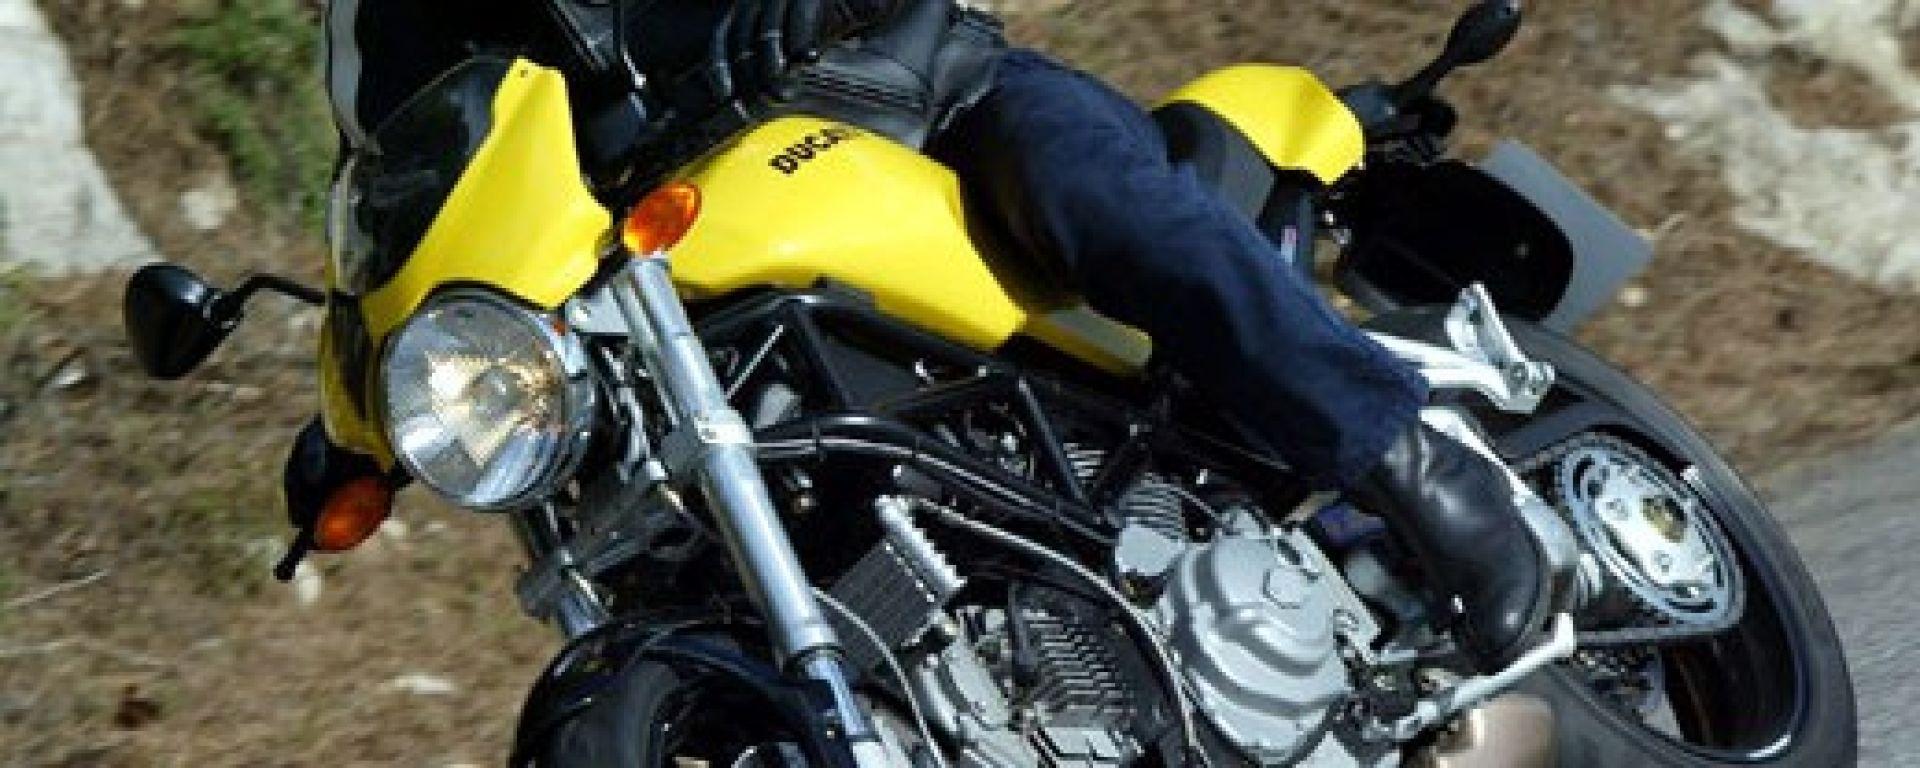 Ducati Monster S2R